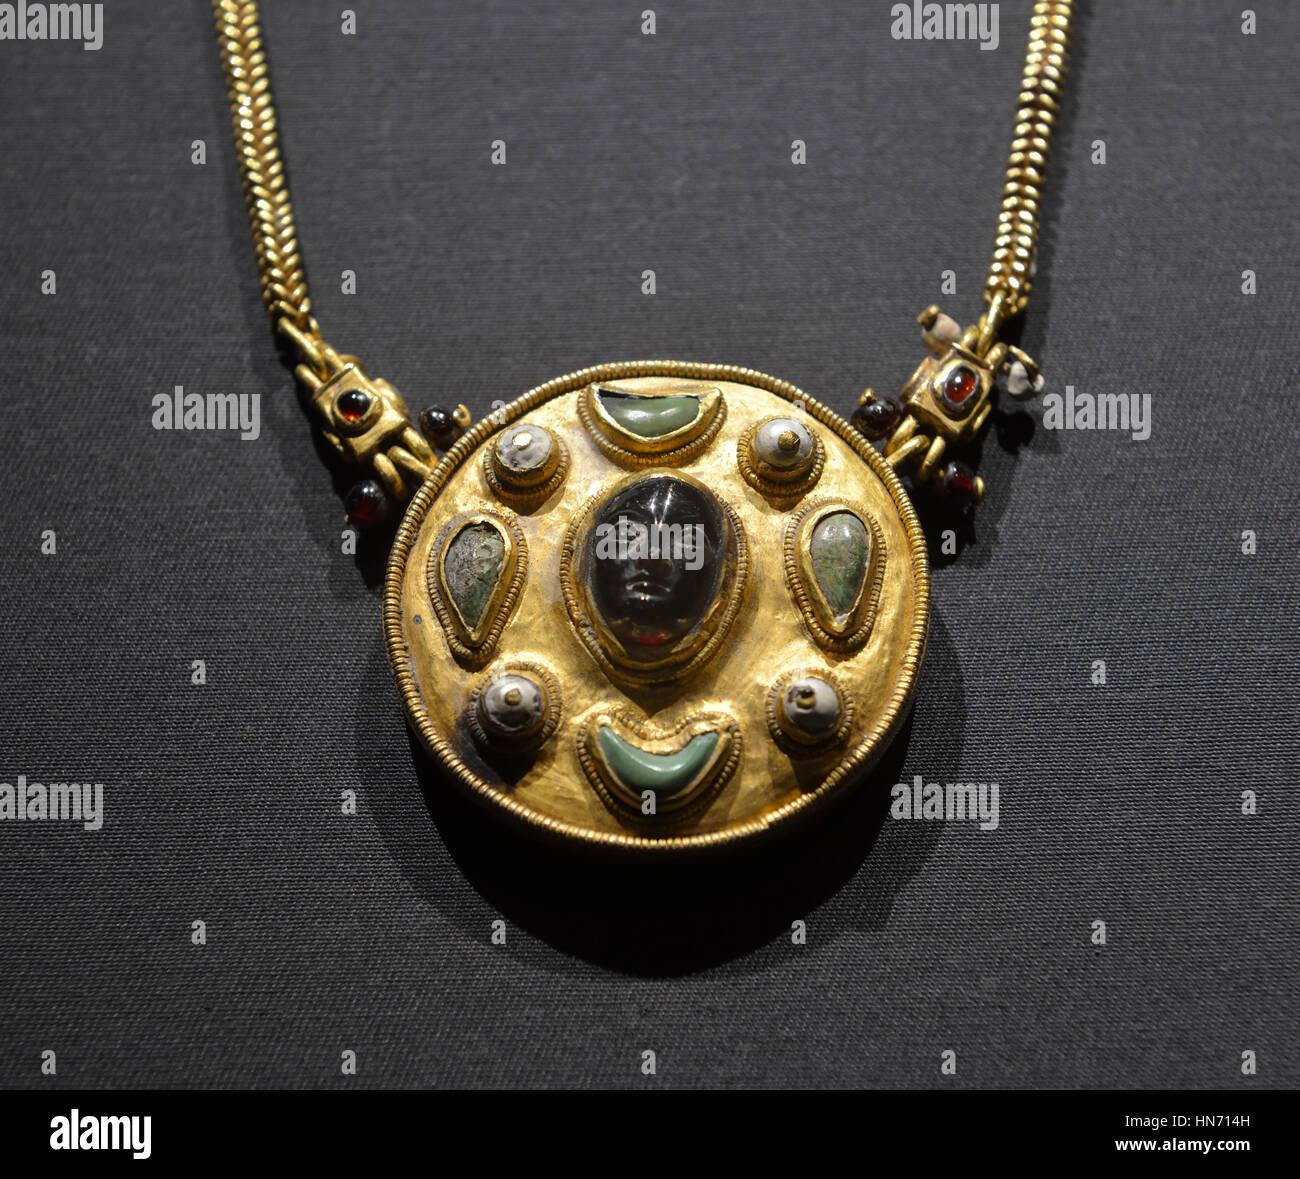 Collar con camafeo. Thaj, Tell al-Zayer. En el siglo I EC. Oro, perlas, turquesa, y ruby.Museo Nacional, Riad. Imagen De Stock